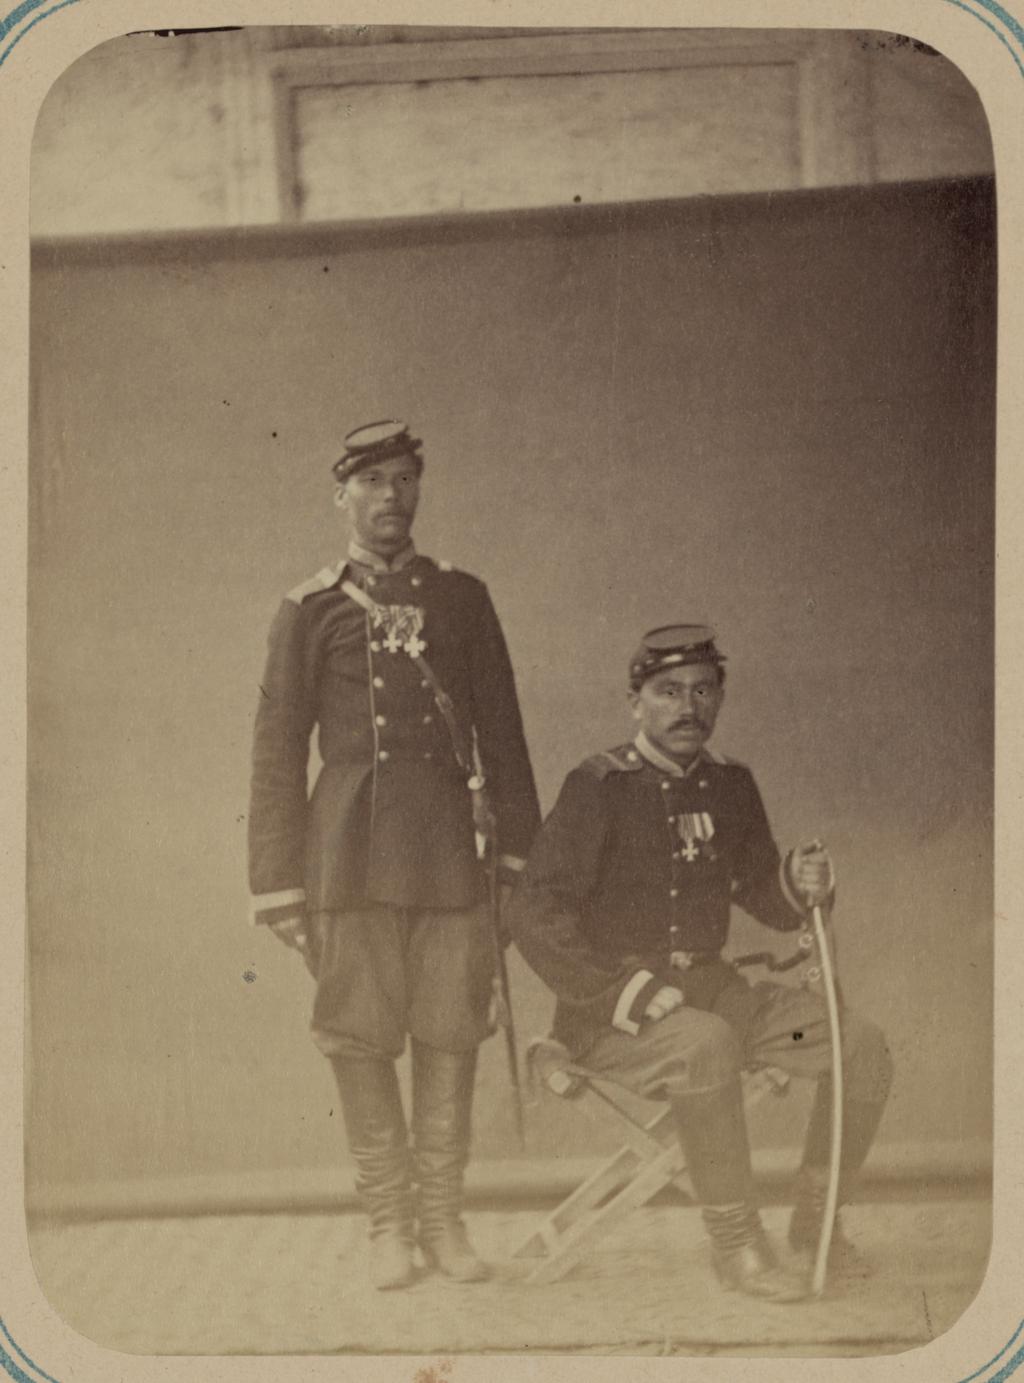 Георгиевские кавалеры, имеющие знаки отличия военного ордена. За взятие укрепления Джизак 18 октября 1866 г. Фейерверкеры Никуленко и Крестенко, 1-я Туркестанская артиллерийская бригада